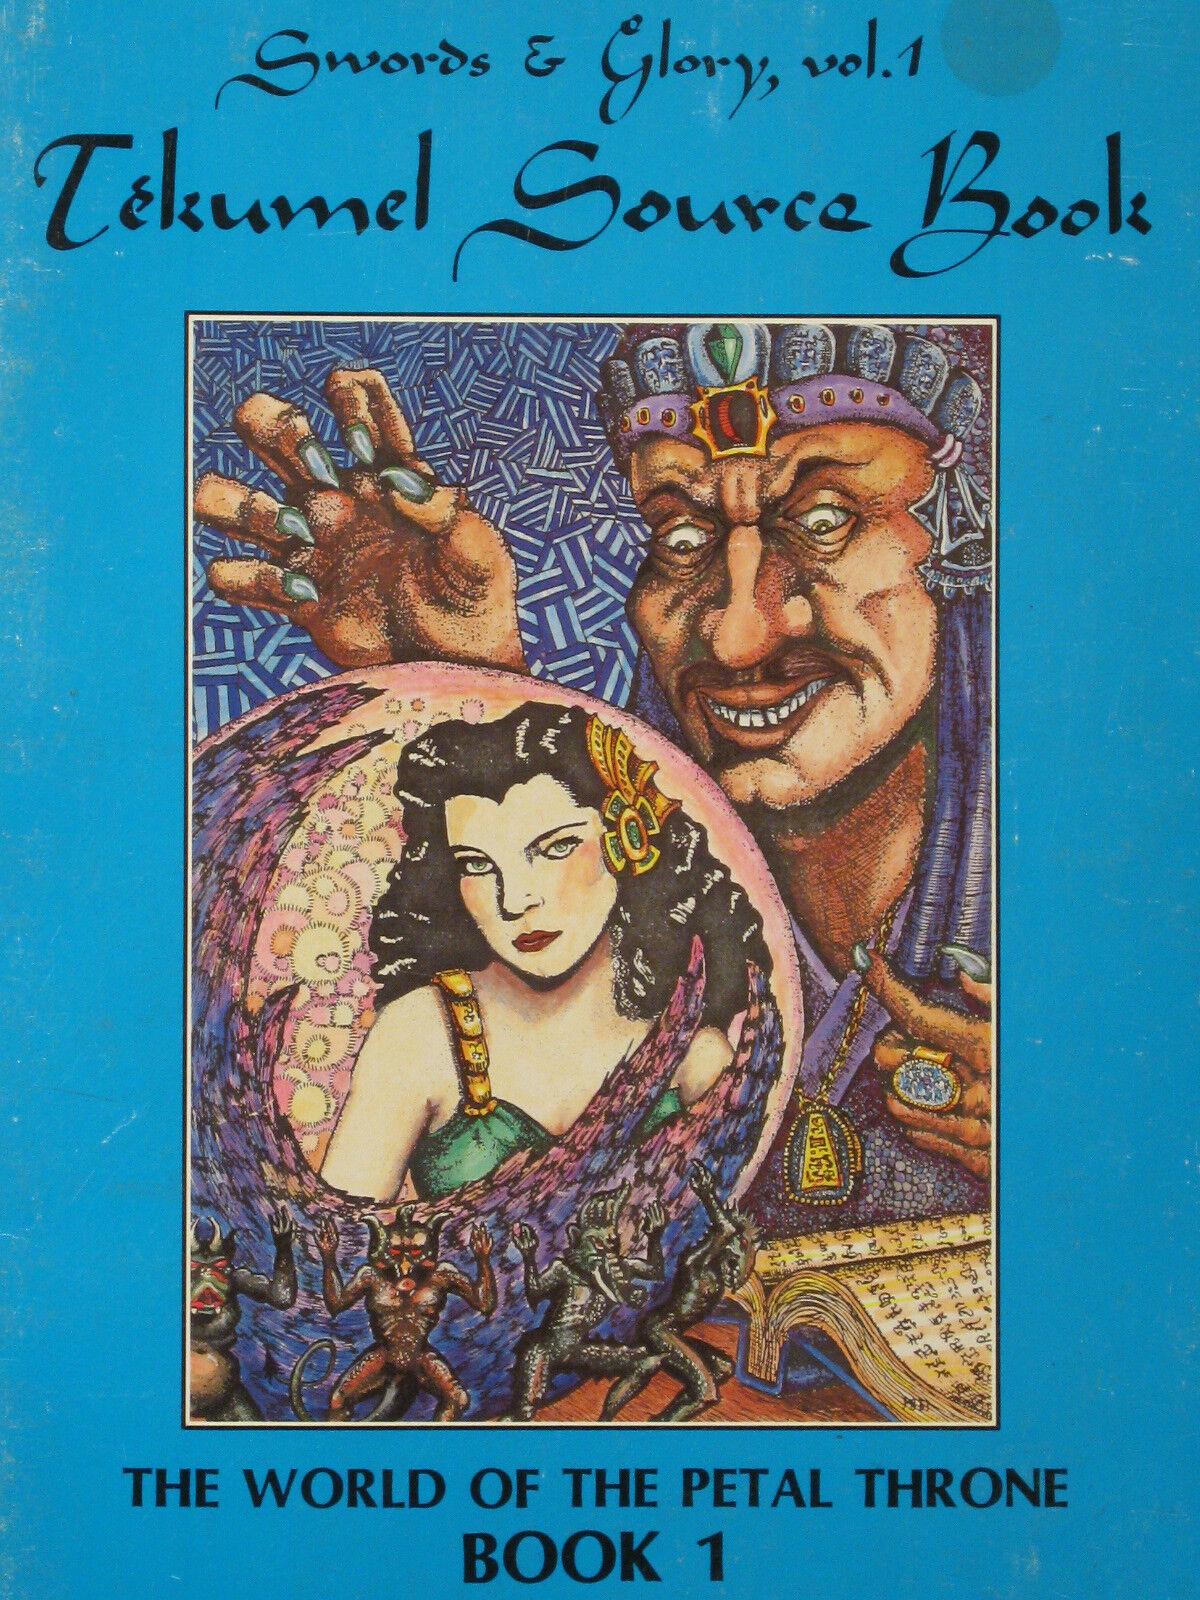 salida Tekumel fuente Libro Swords & Gloria Libro 1 W W W \ Mapa, Imperio Pétalo Trono, megaextras  tienda de venta en línea